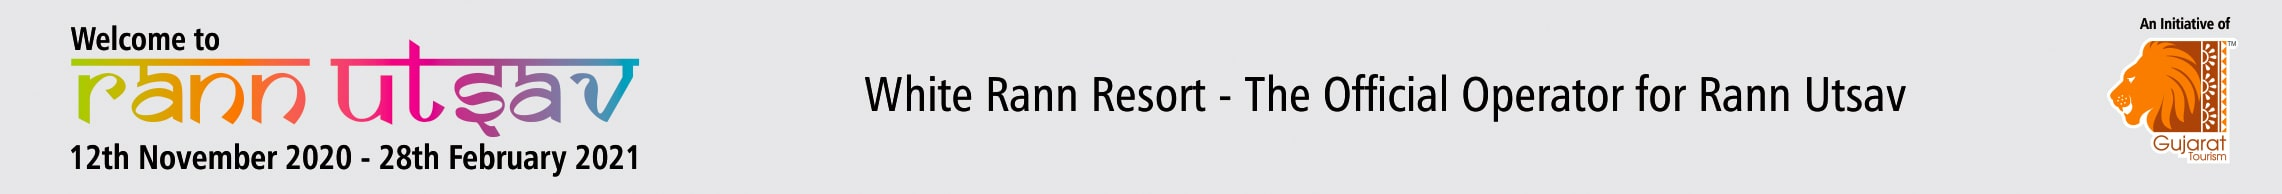 Rann Utsav, Kutch Rann Utsav 2020-2021 | Rann Utsav, Kutch Rann Utsav 2020-2021   SPECIAL DATES